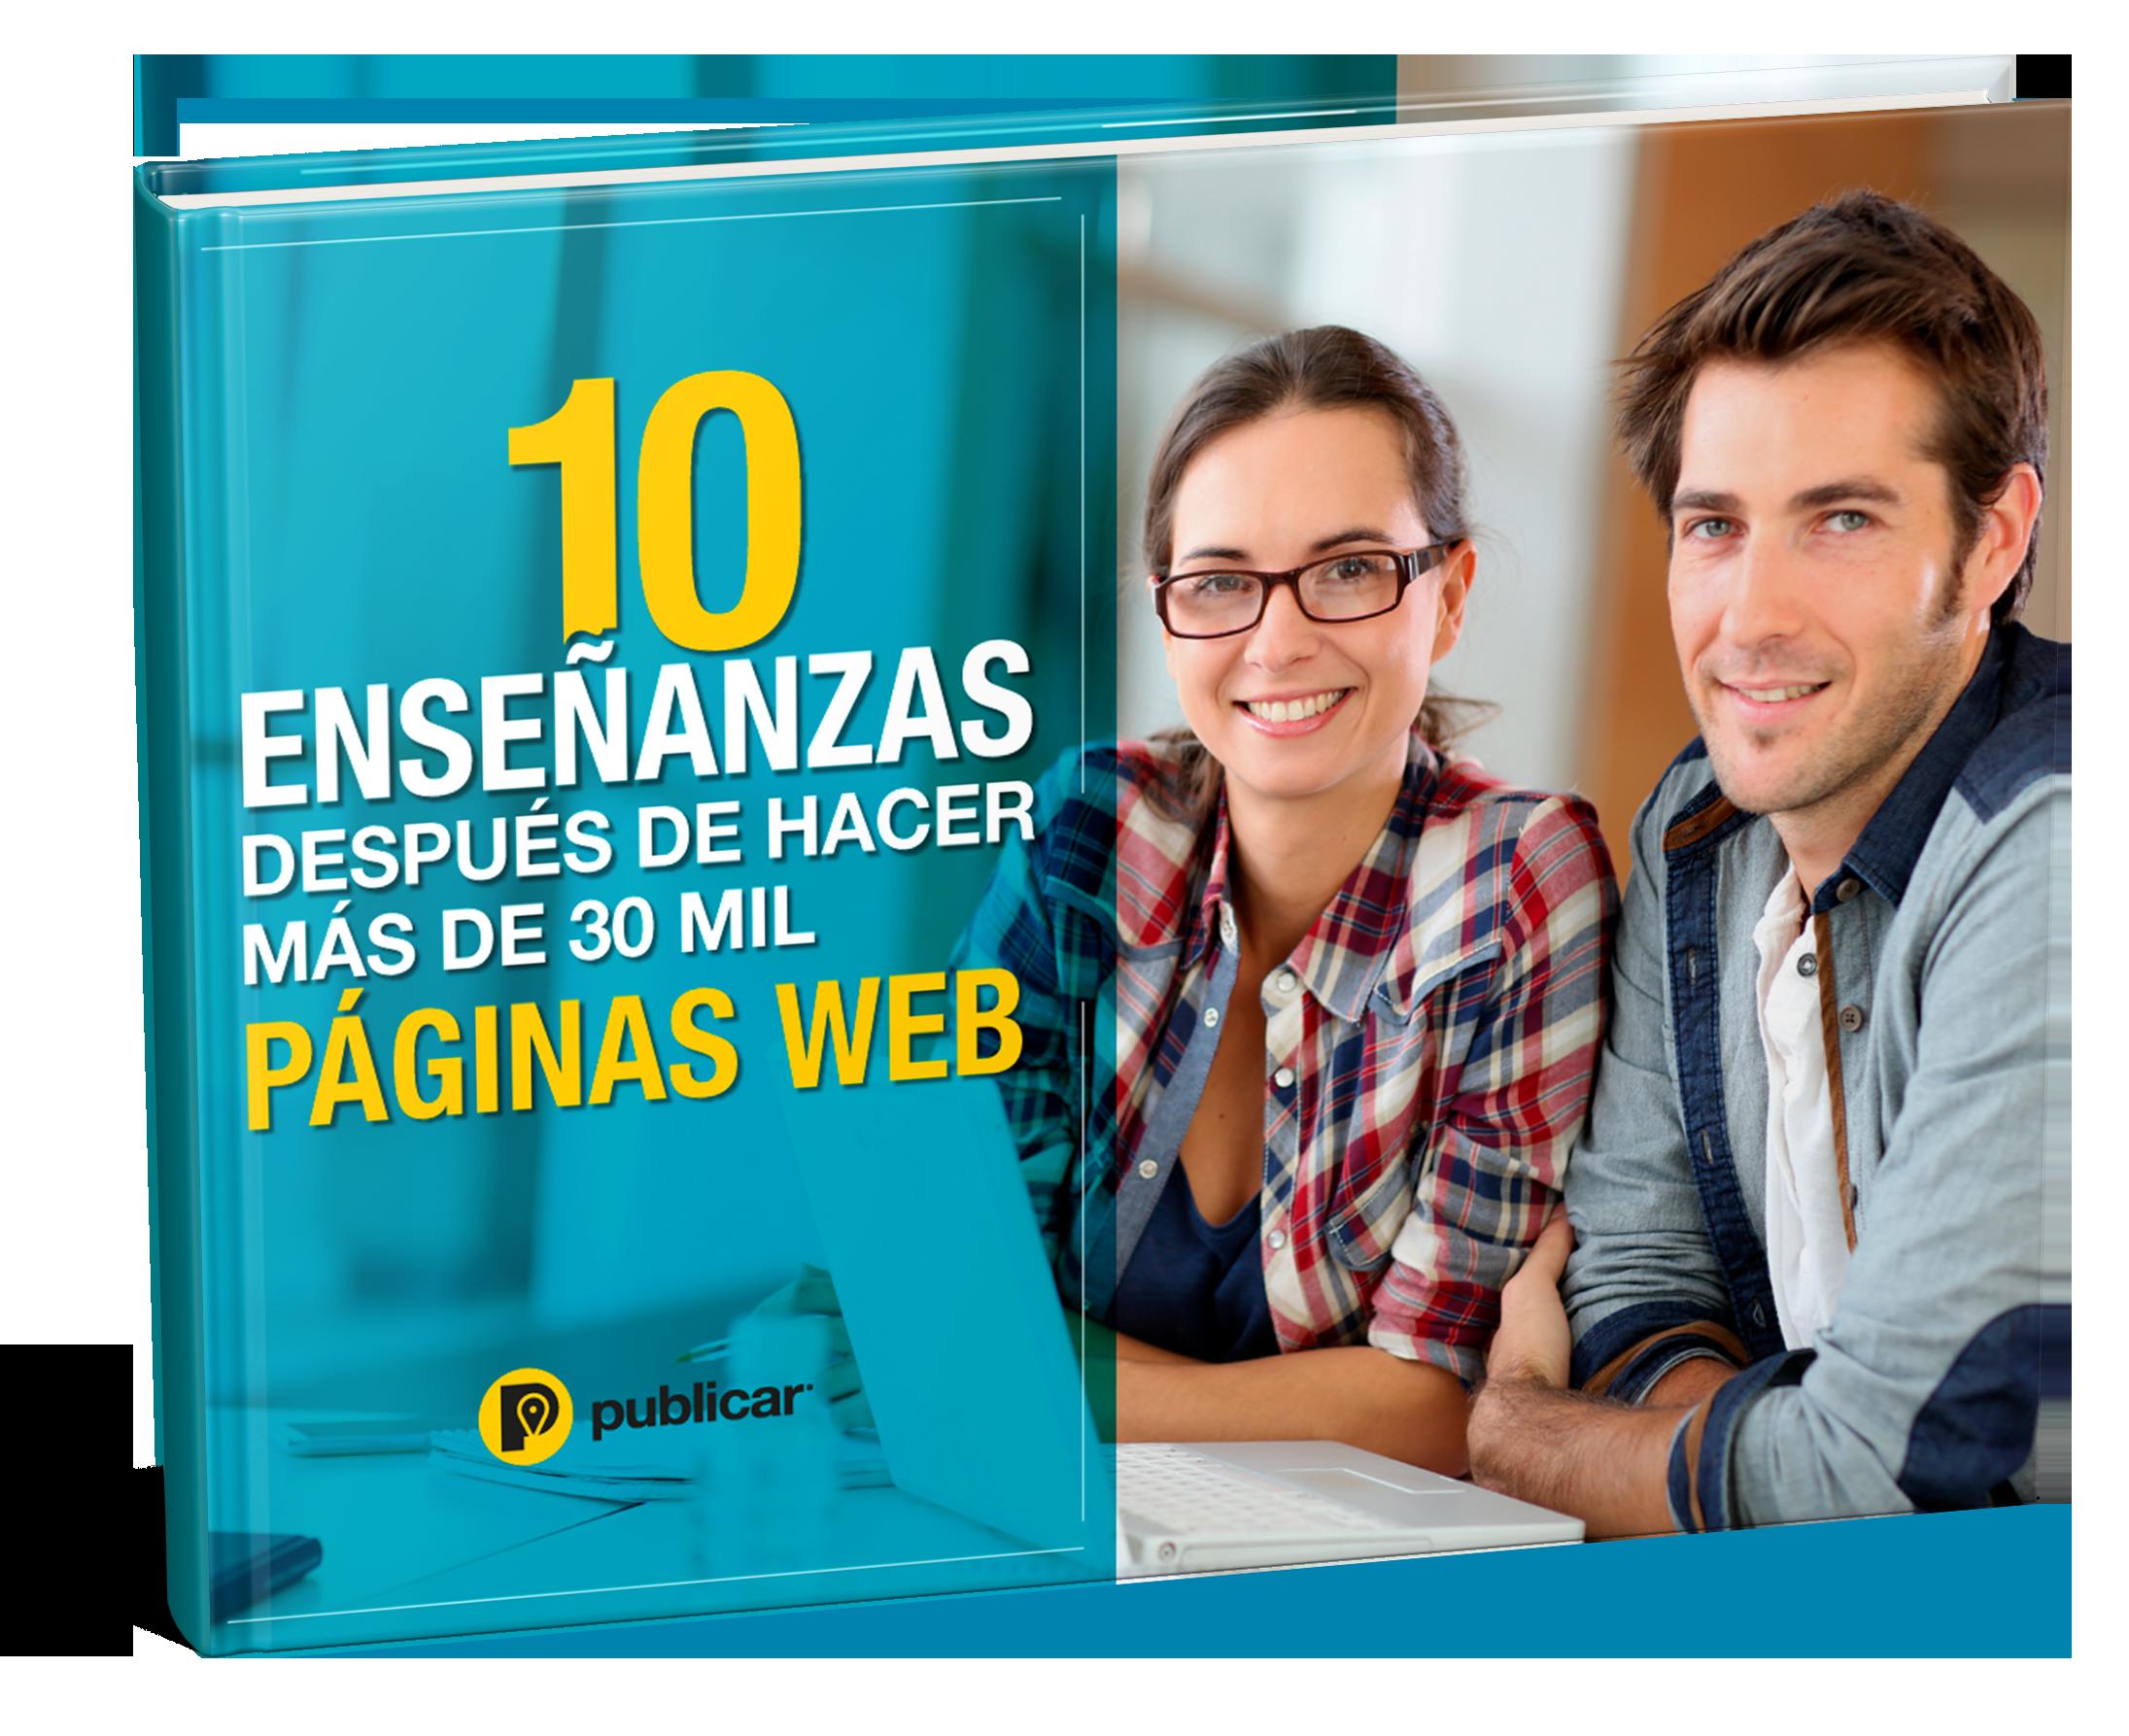 10 enseñanzas páginas webportada mockup.png